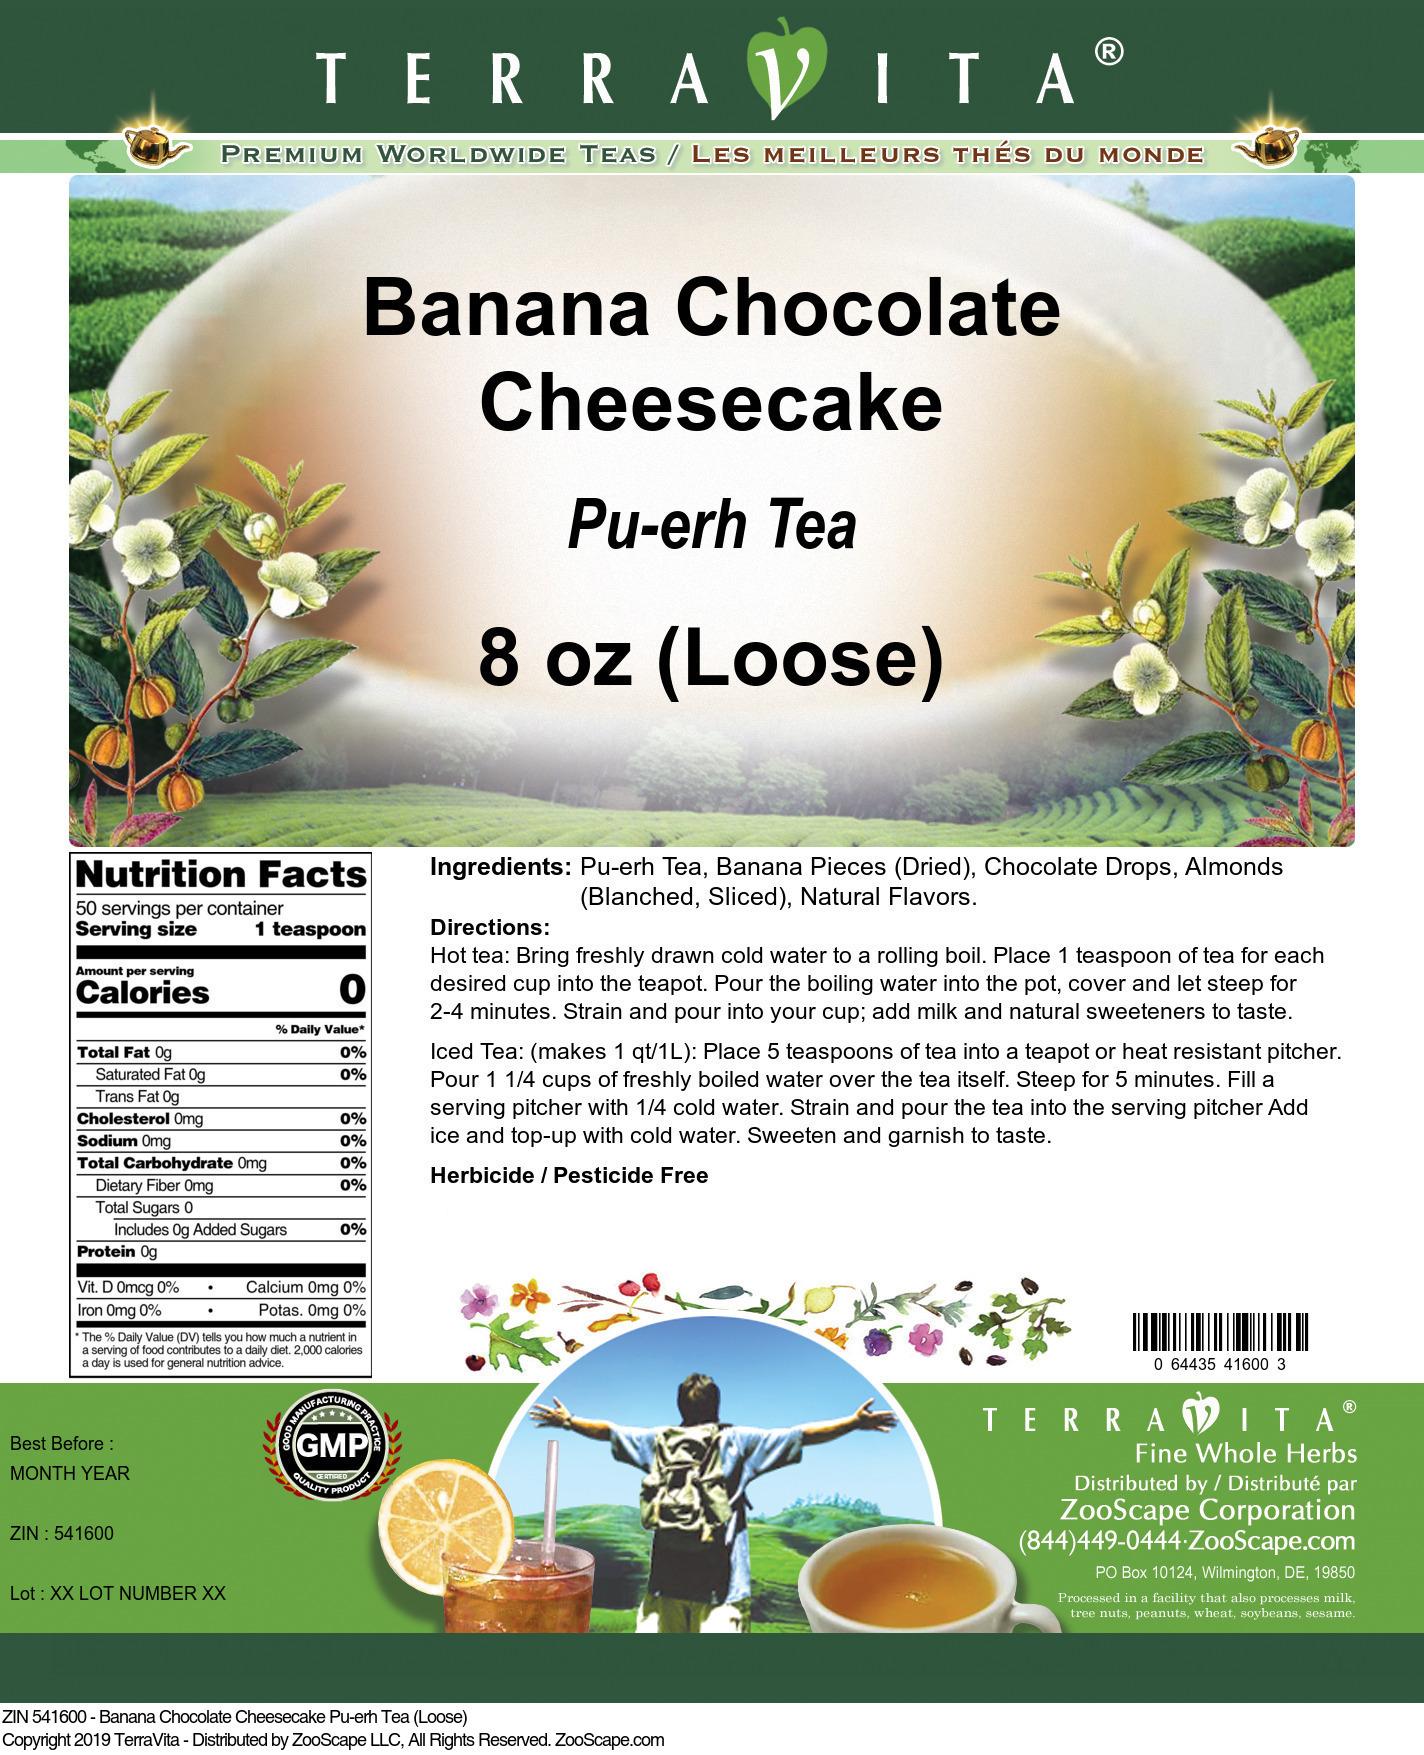 Banana Chocolate Cheesecake Pu-erh Tea